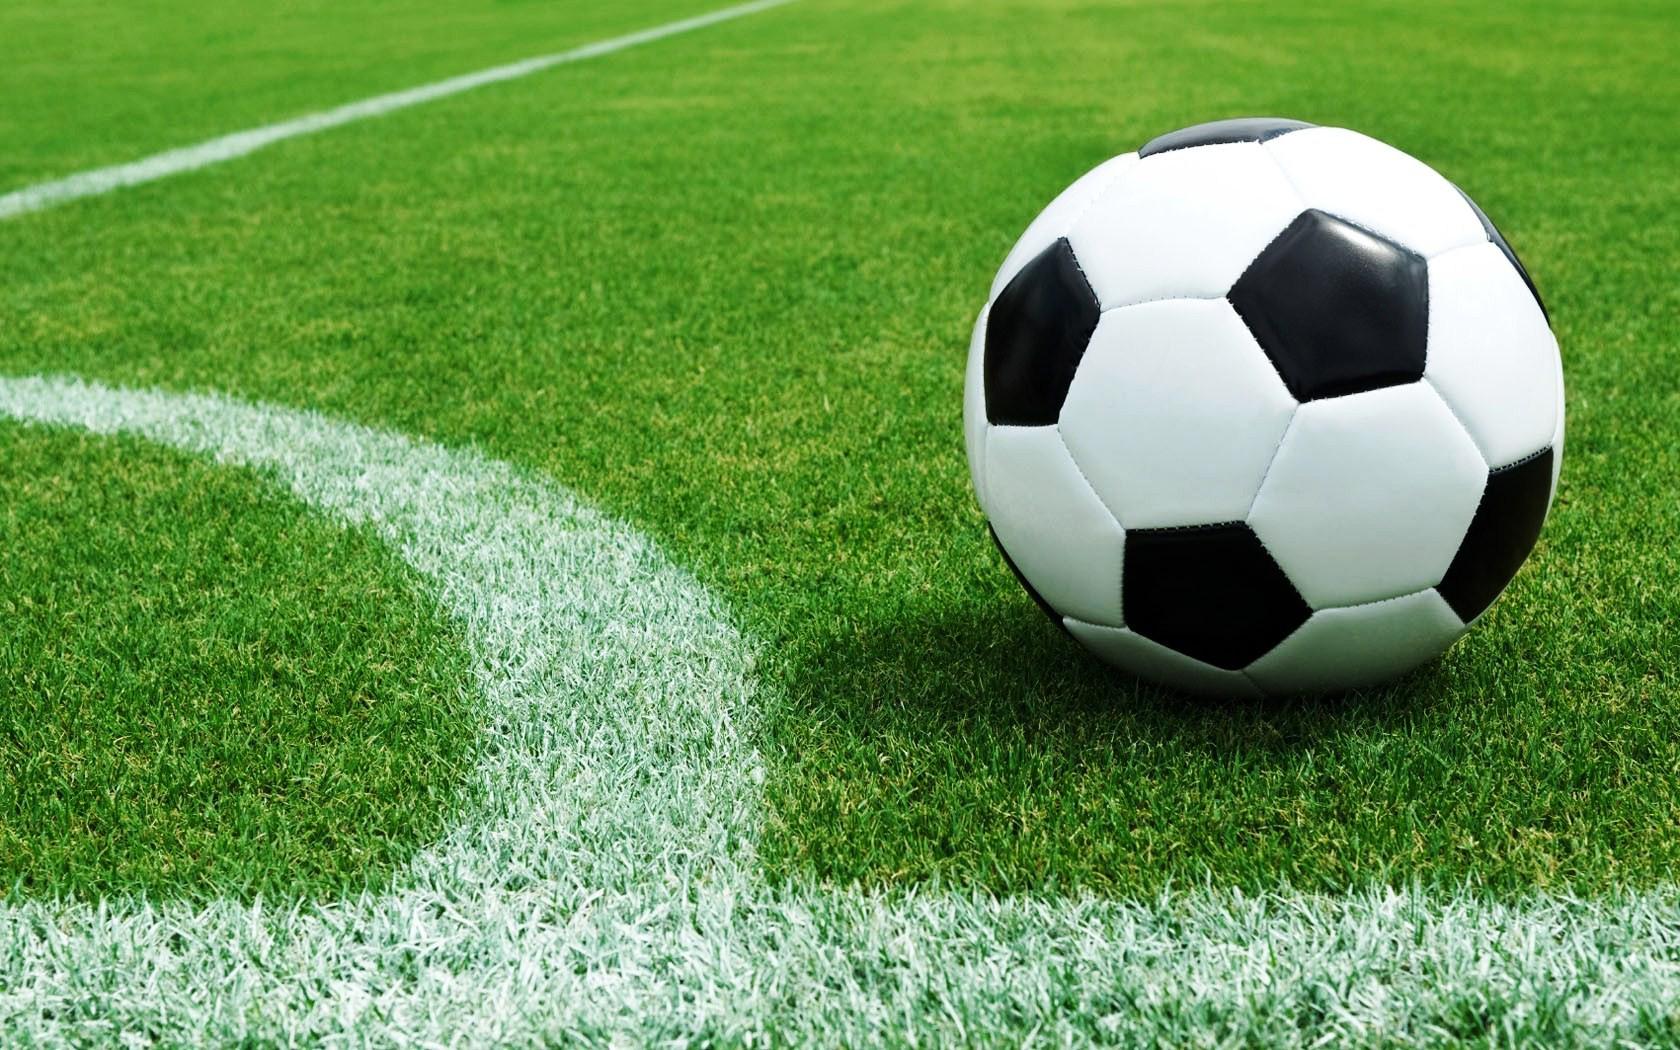 Школьникам Беларуси предлагают записать видеоролик или написать сочинение и поехать на Кубок Конфедераций ФИФА